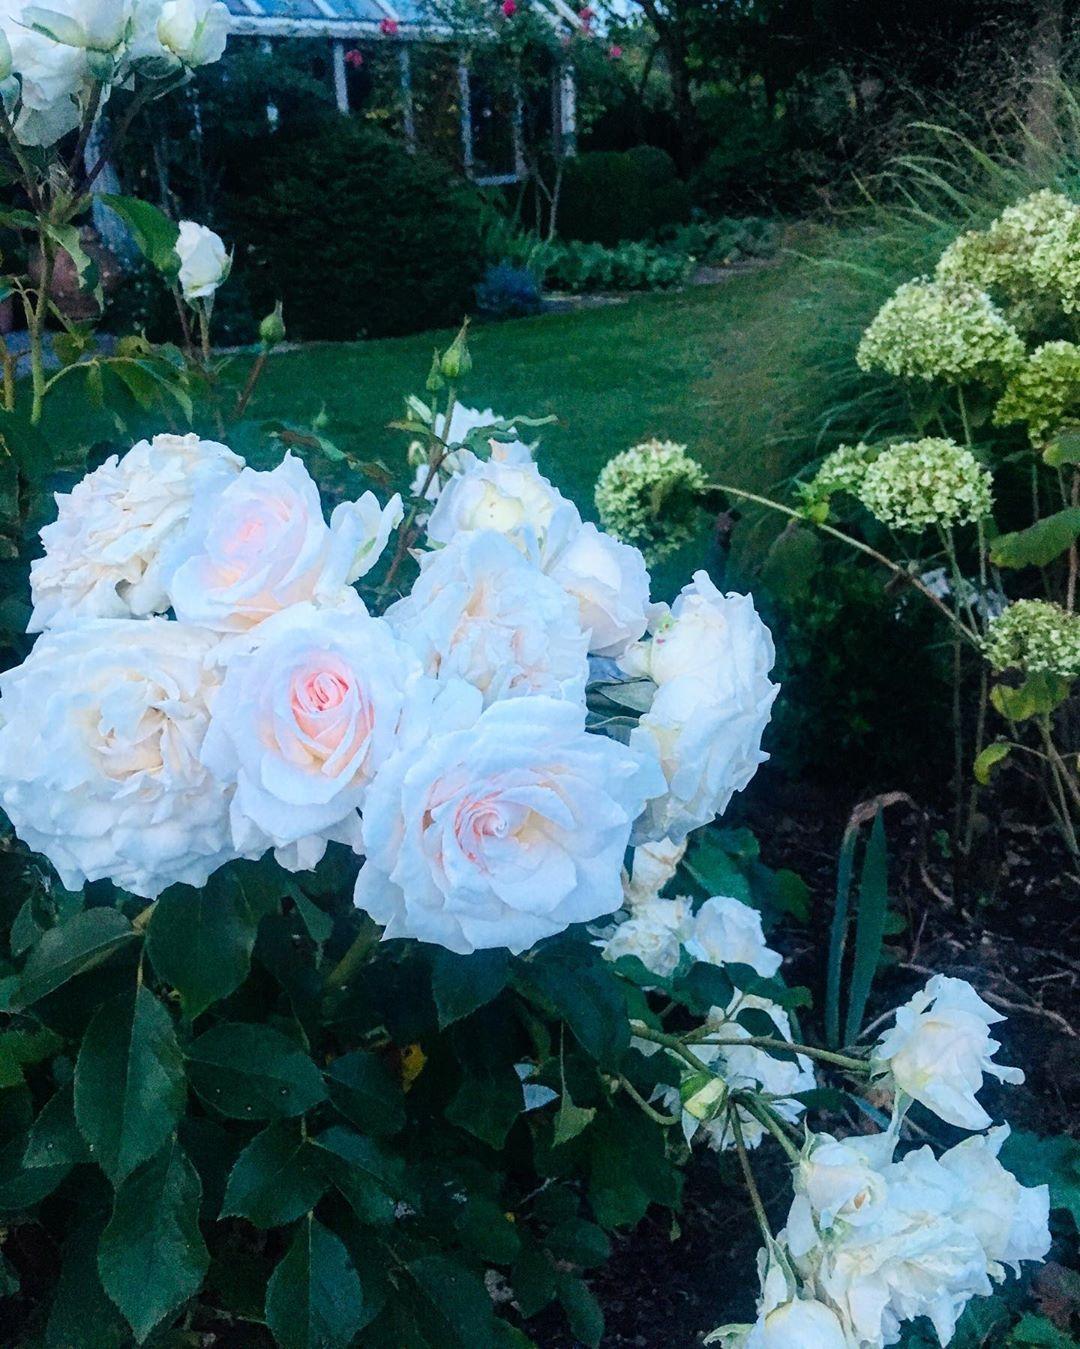 Wenn S Im Garten Dunkel Wird Und Nur Noch Die Rosen Leuchten Roses Rose Flowers Garten Gardening Gartengestaltung Garte Gartengestaltung Gartenliebe Garten